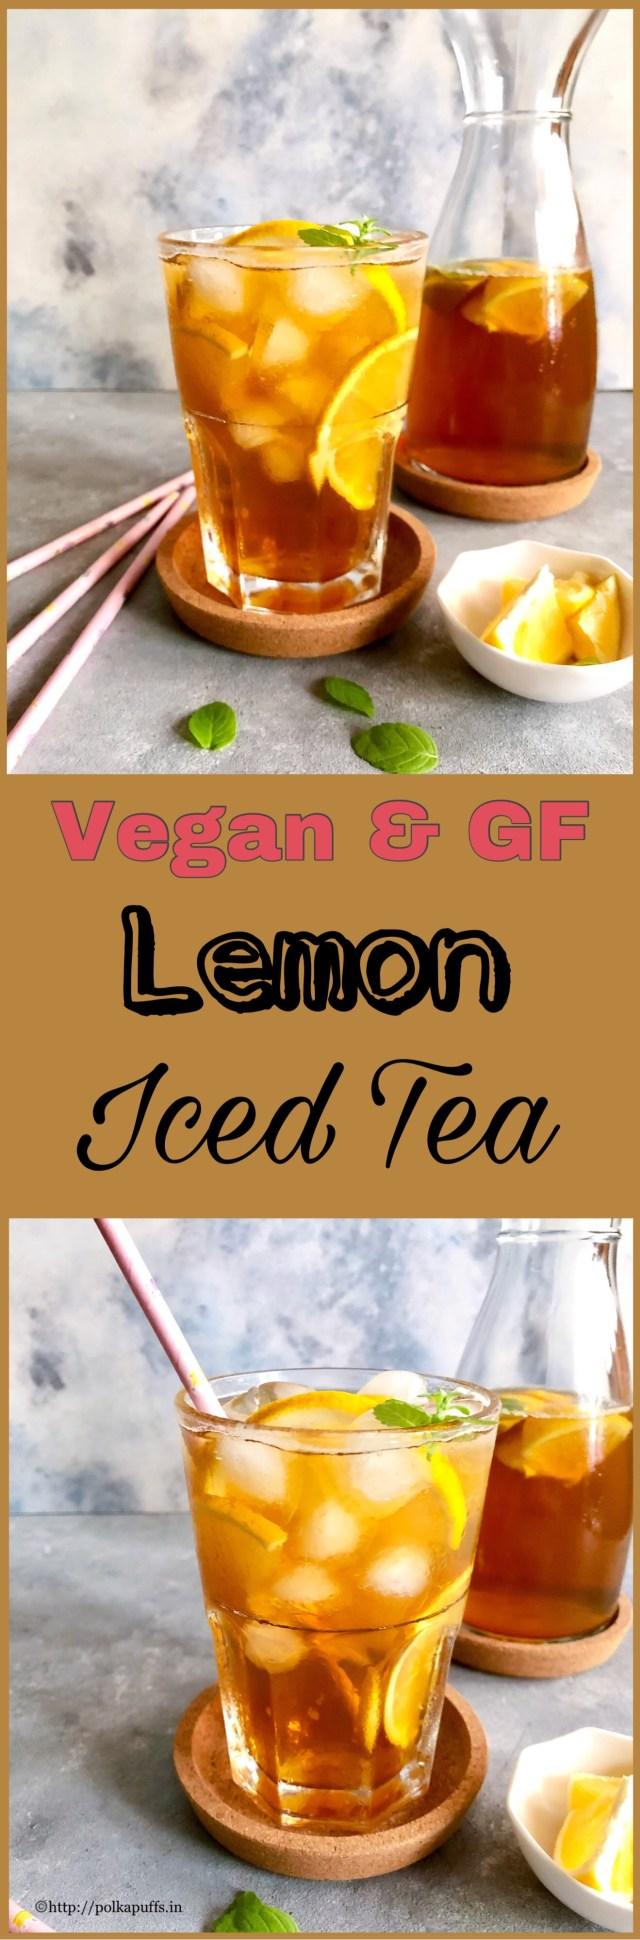 Lemon Iced Tea   How to make Lemon Iced Tea